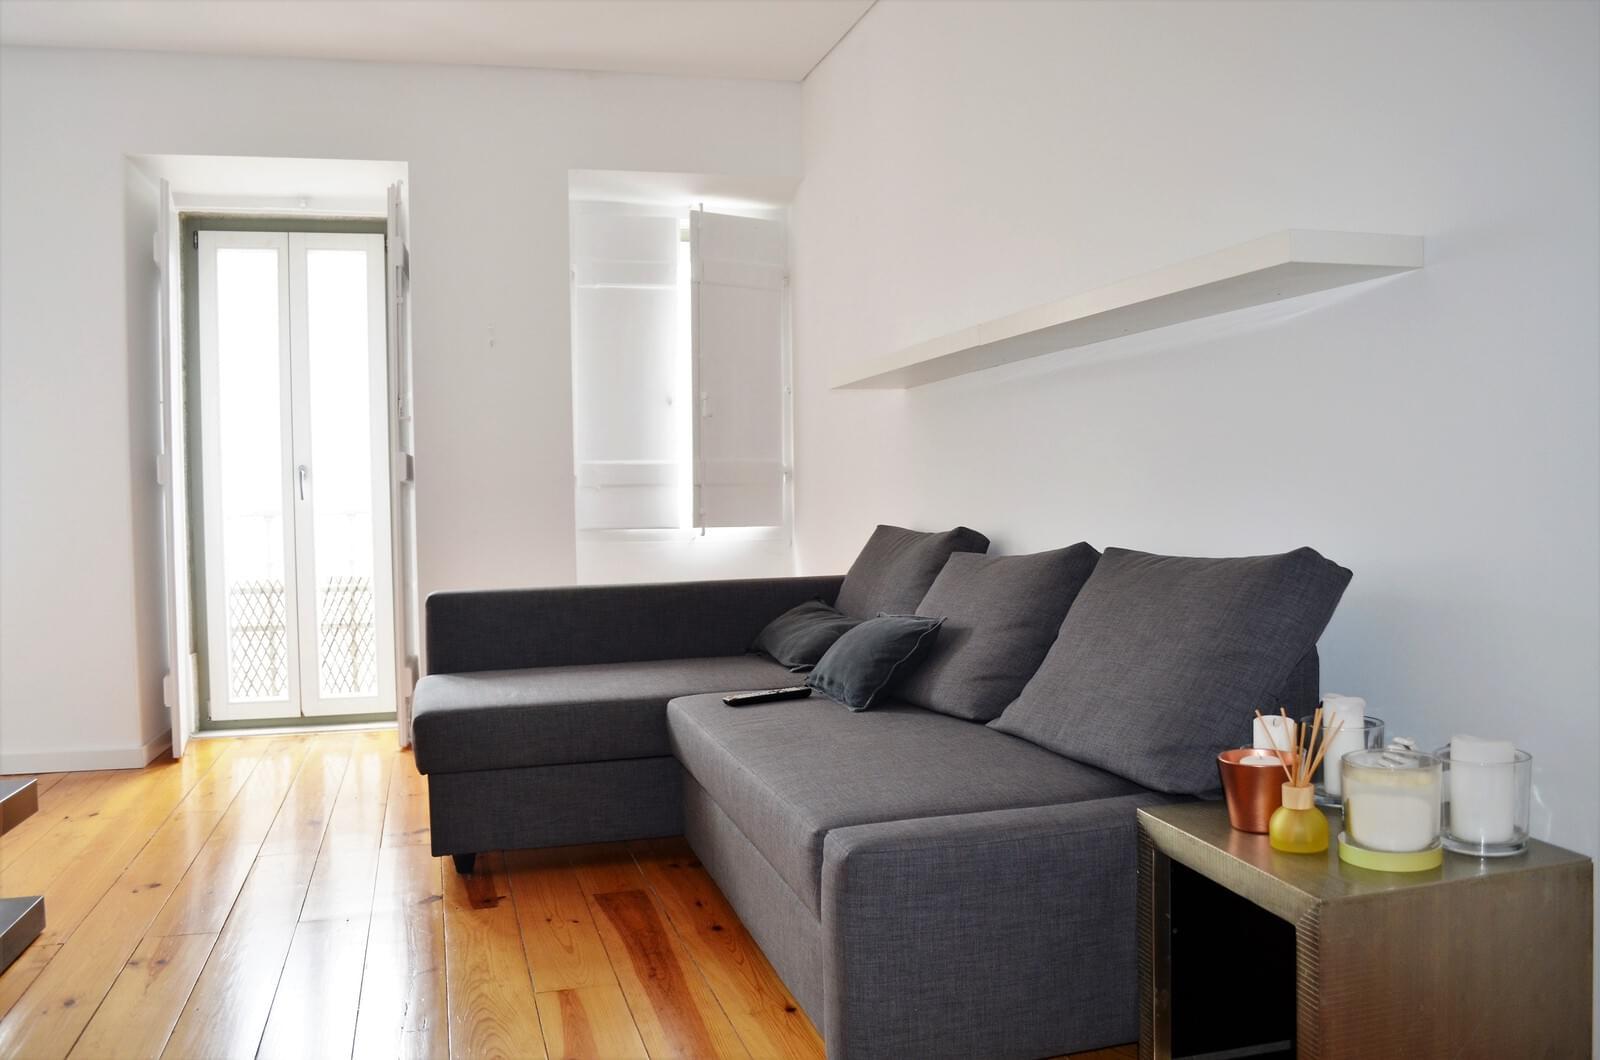 pf17785-apartamento-t1-lisboa-f6ece4ec-d56b-4956-b8dd-520aca4ccaf8